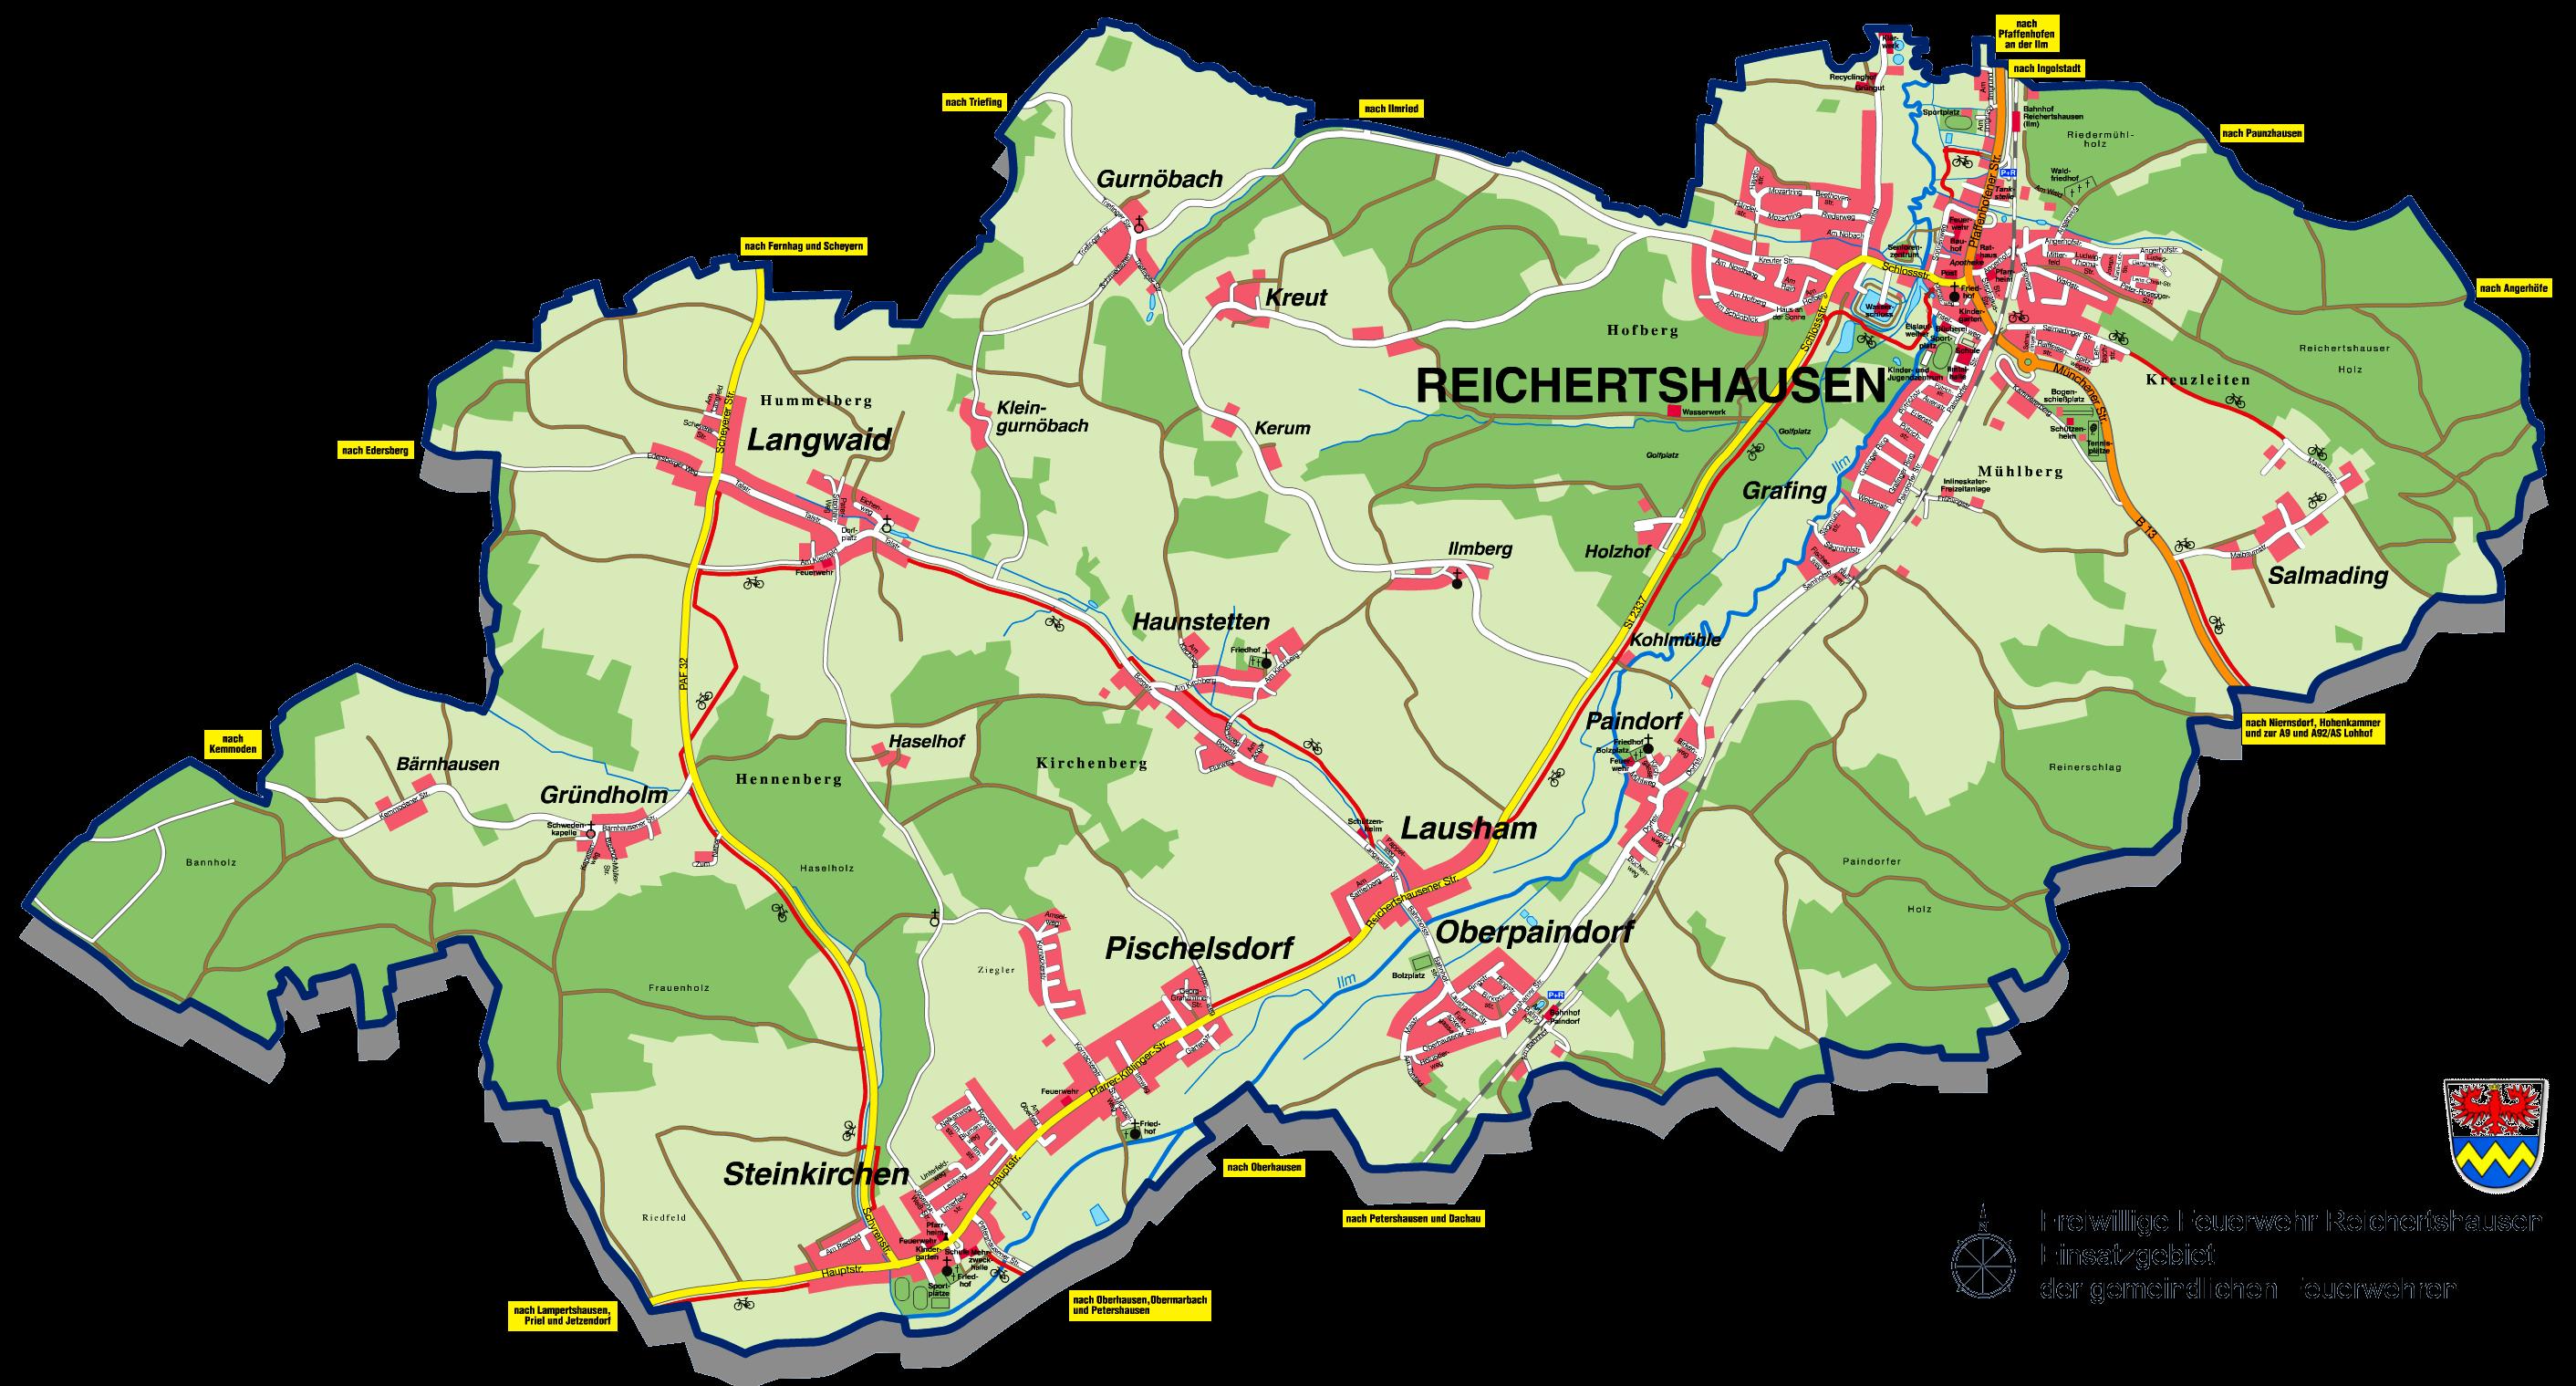 Das Einsatzgebiet der gemeindlichen Feuerwehren in Reichertshausen